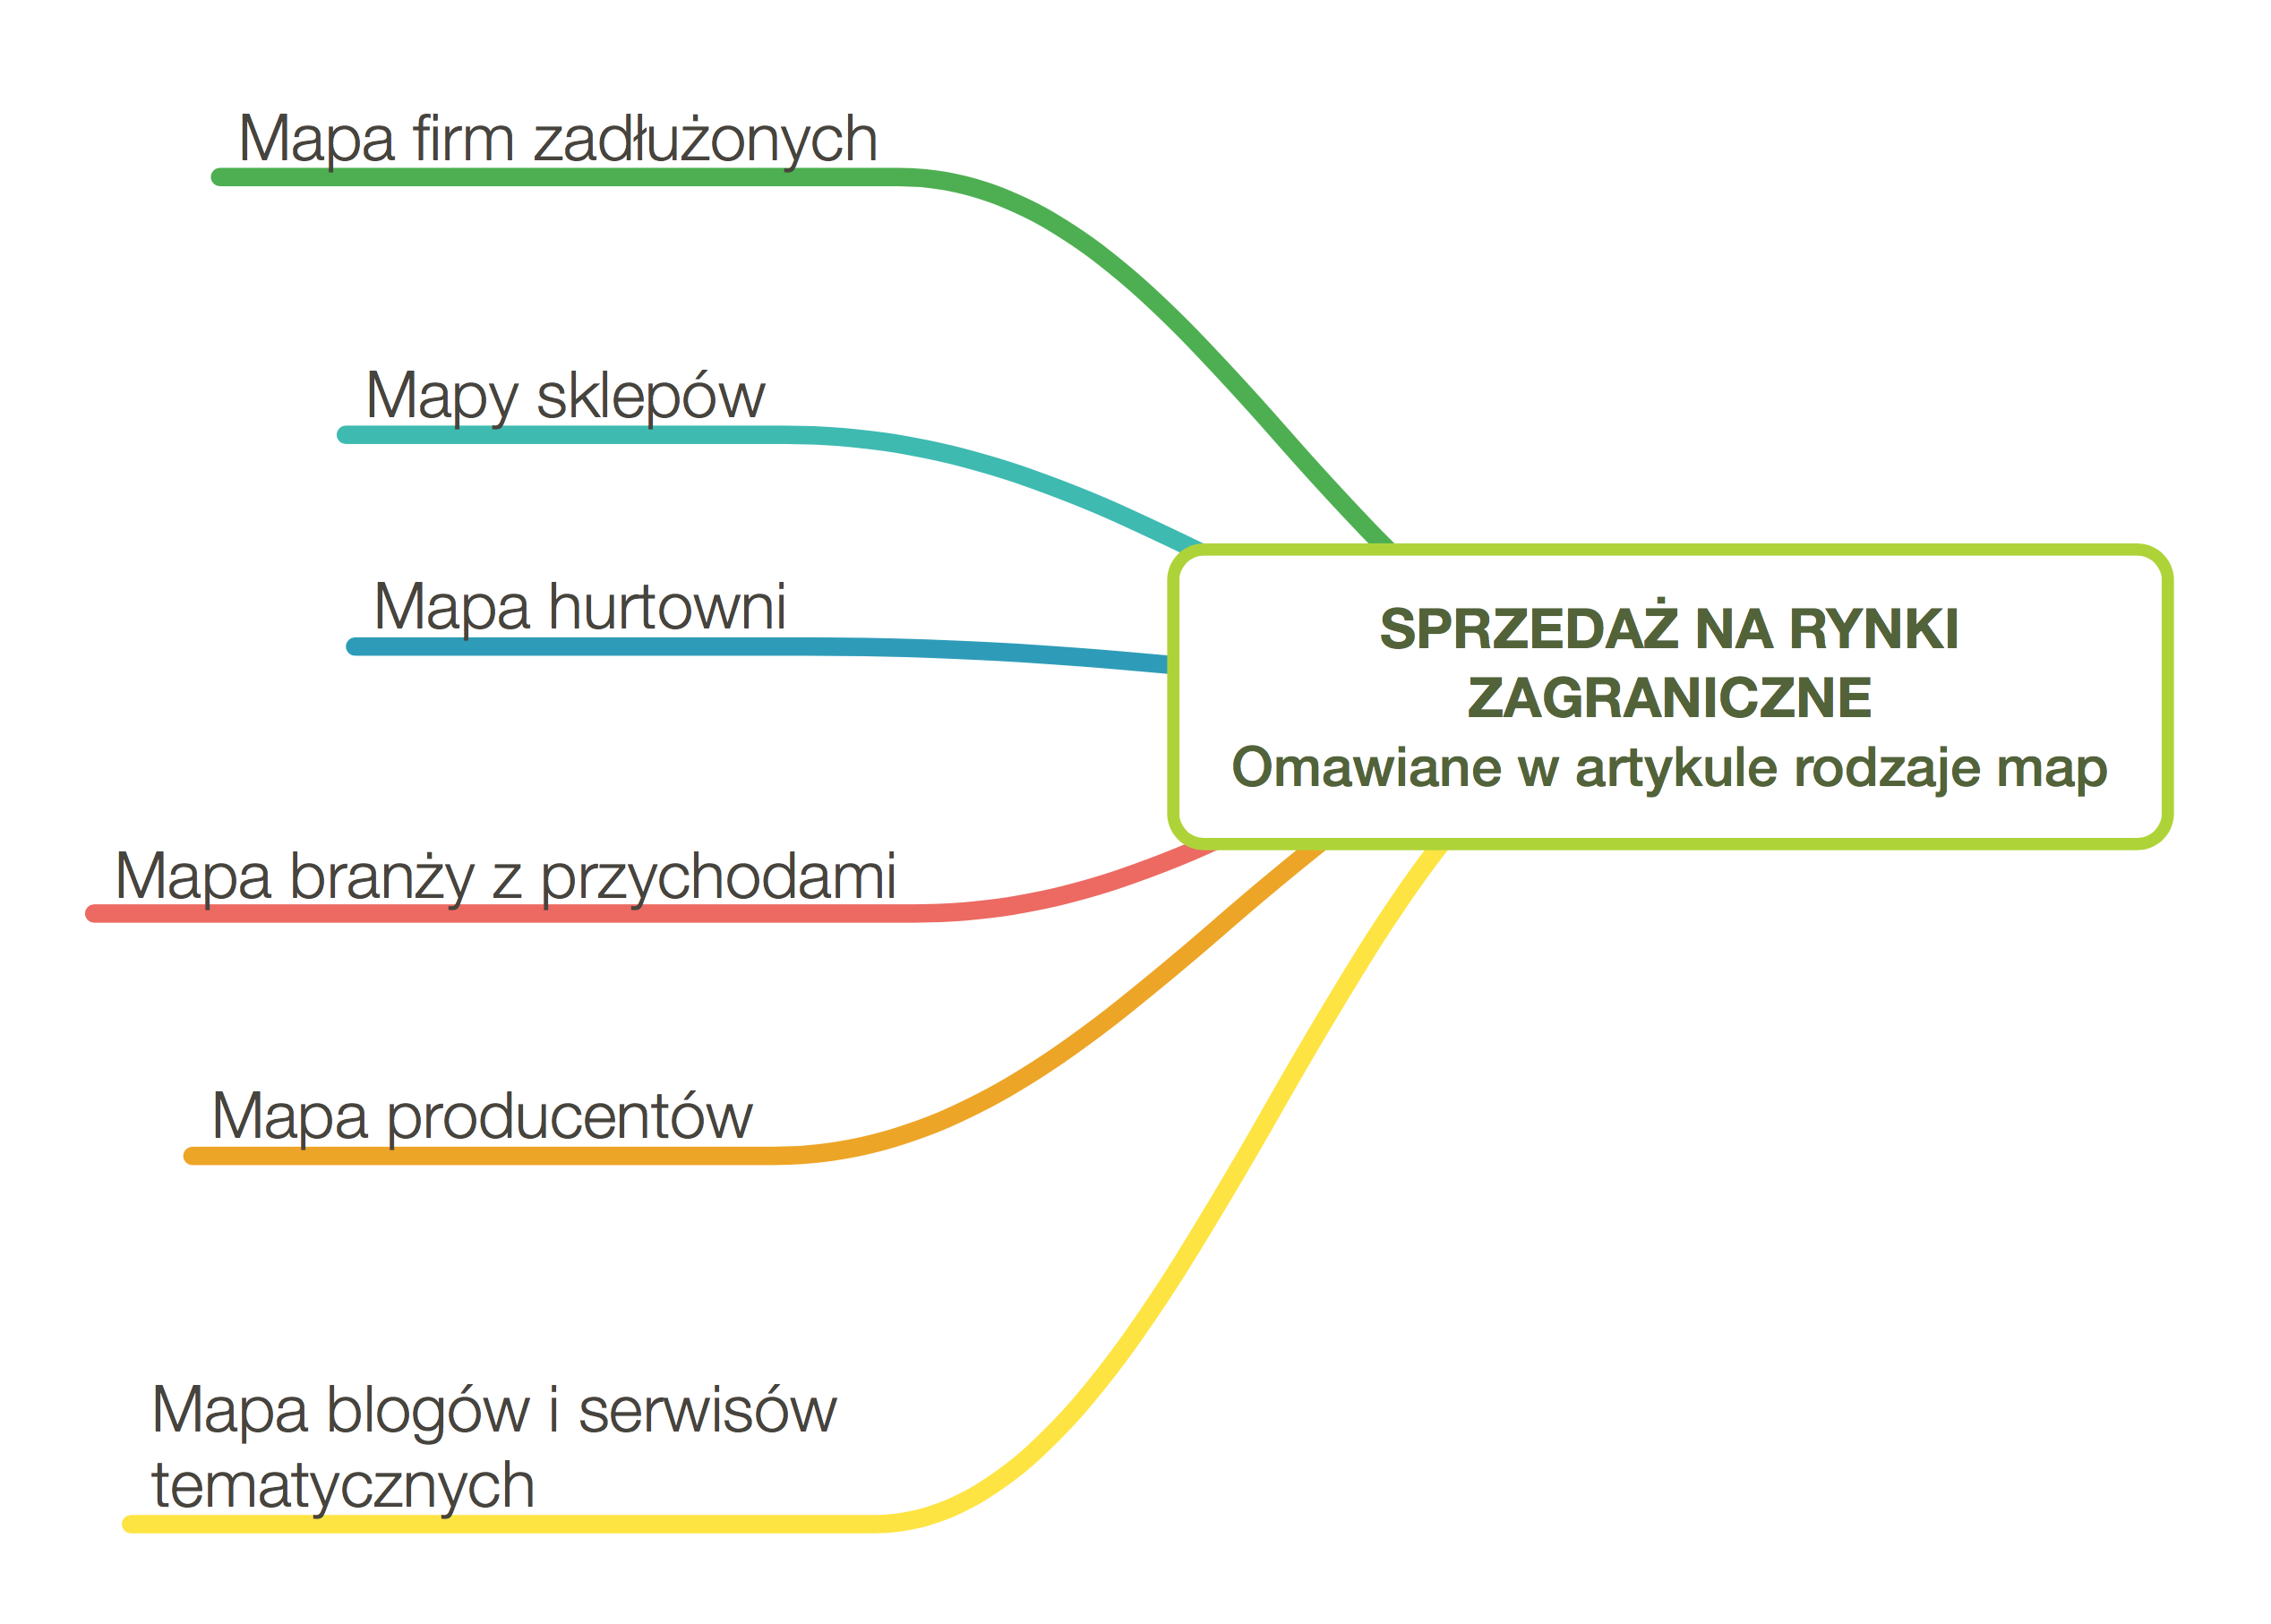 Rodzaje map rynku wykonywane przez LandscapeLab